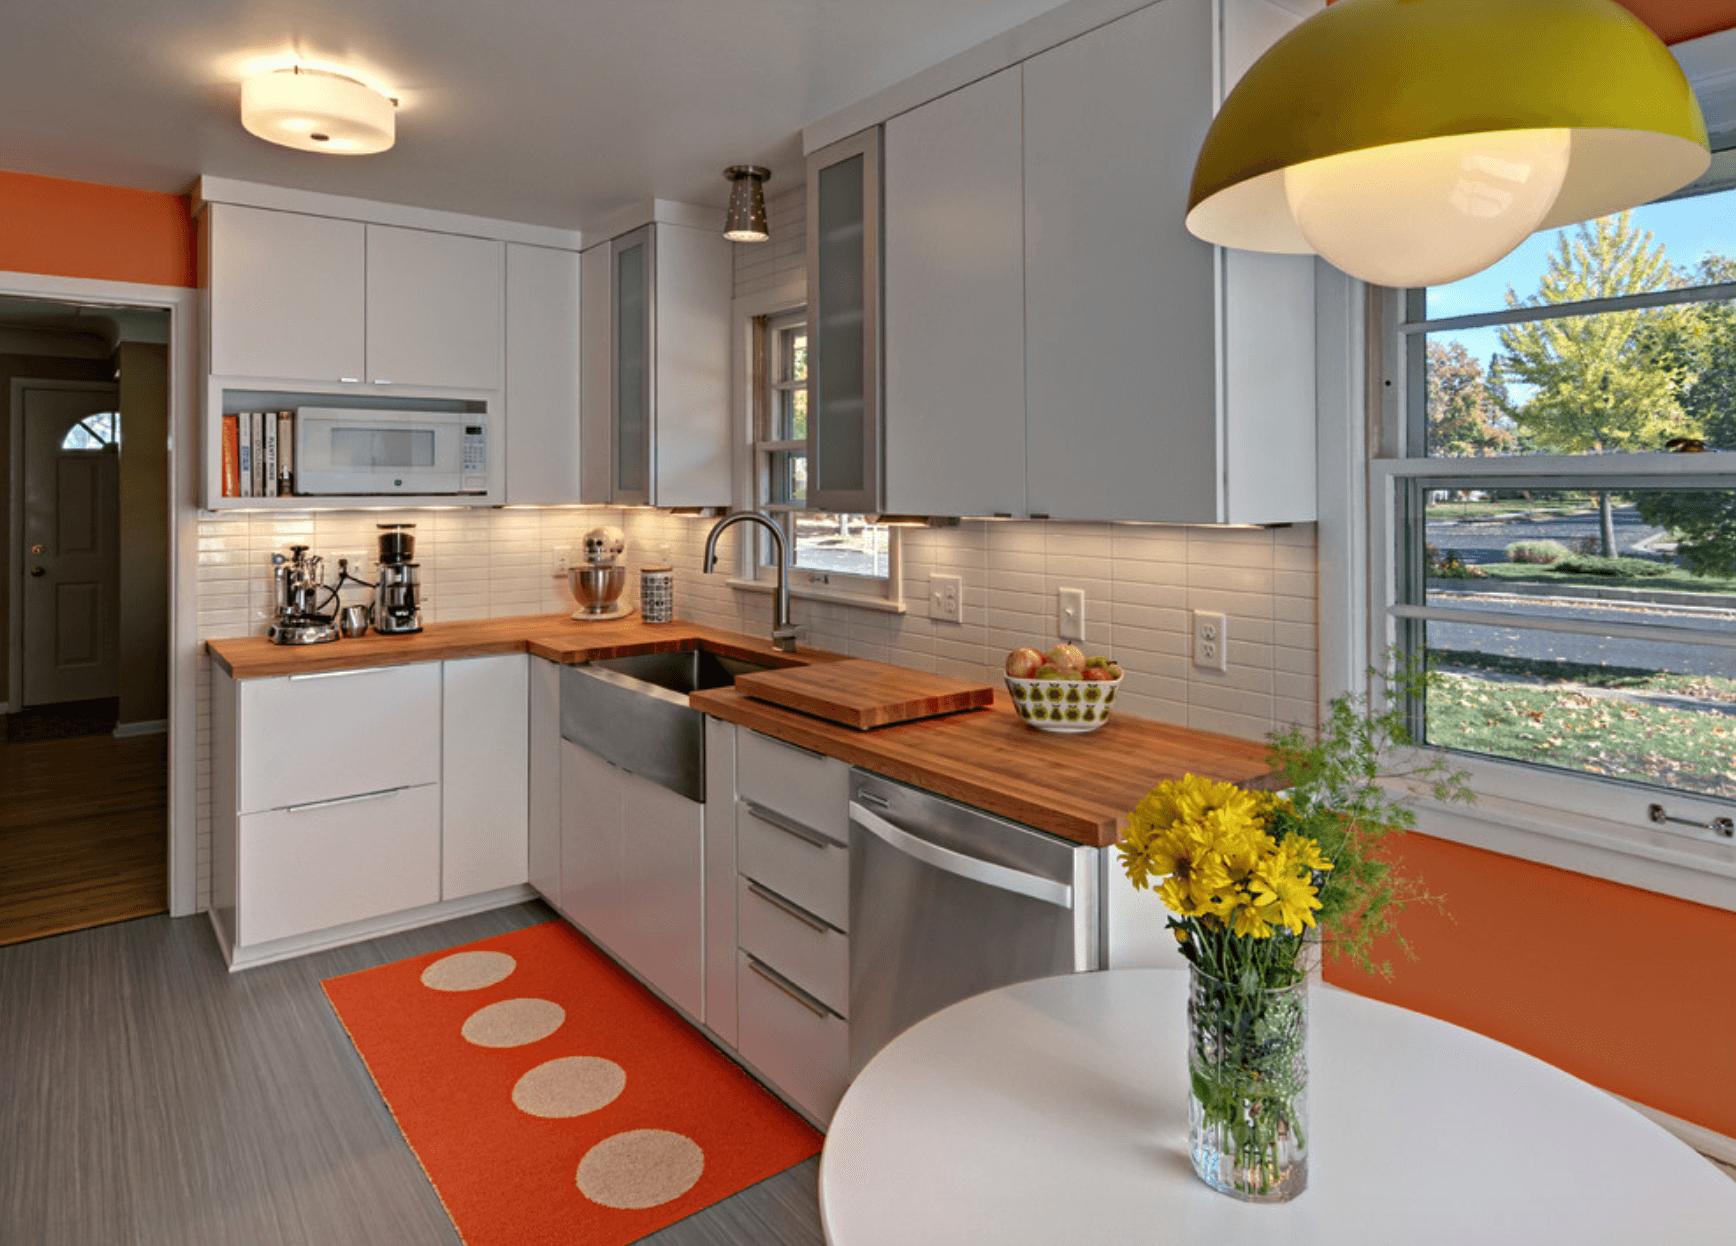 Cozinha Cozinha Americana Cozinha Pequena #B43917 1736 1246